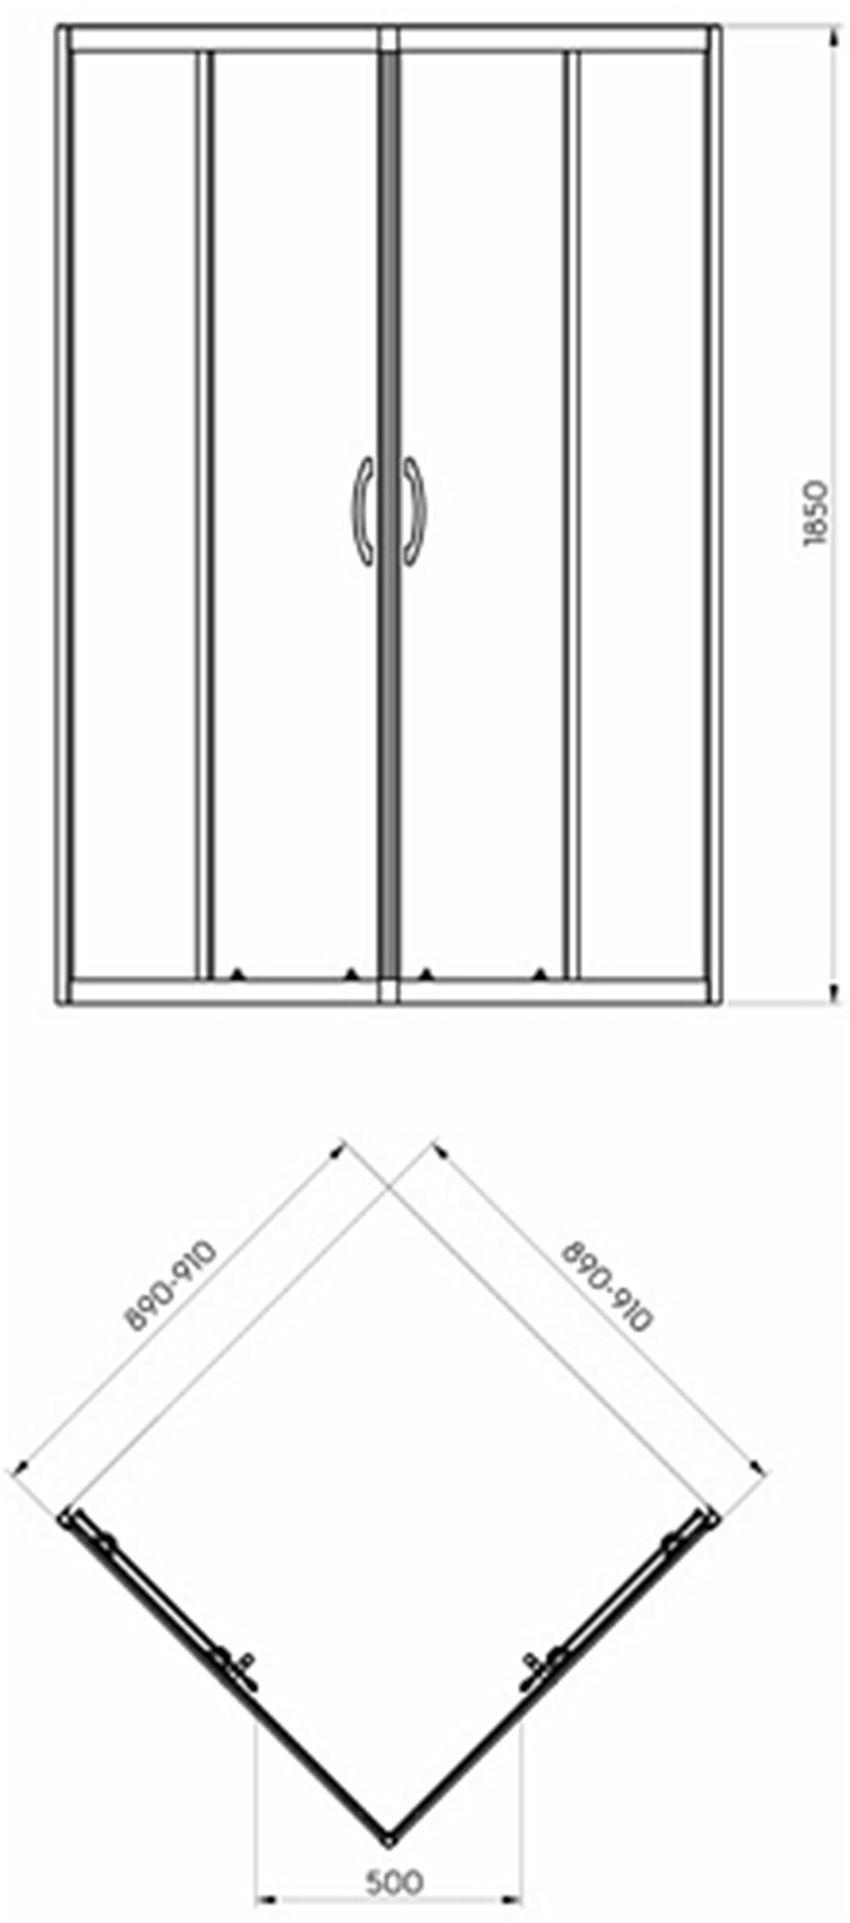 Kabina kwadratowa 185 cm Koło Rekord rysunek techniczny